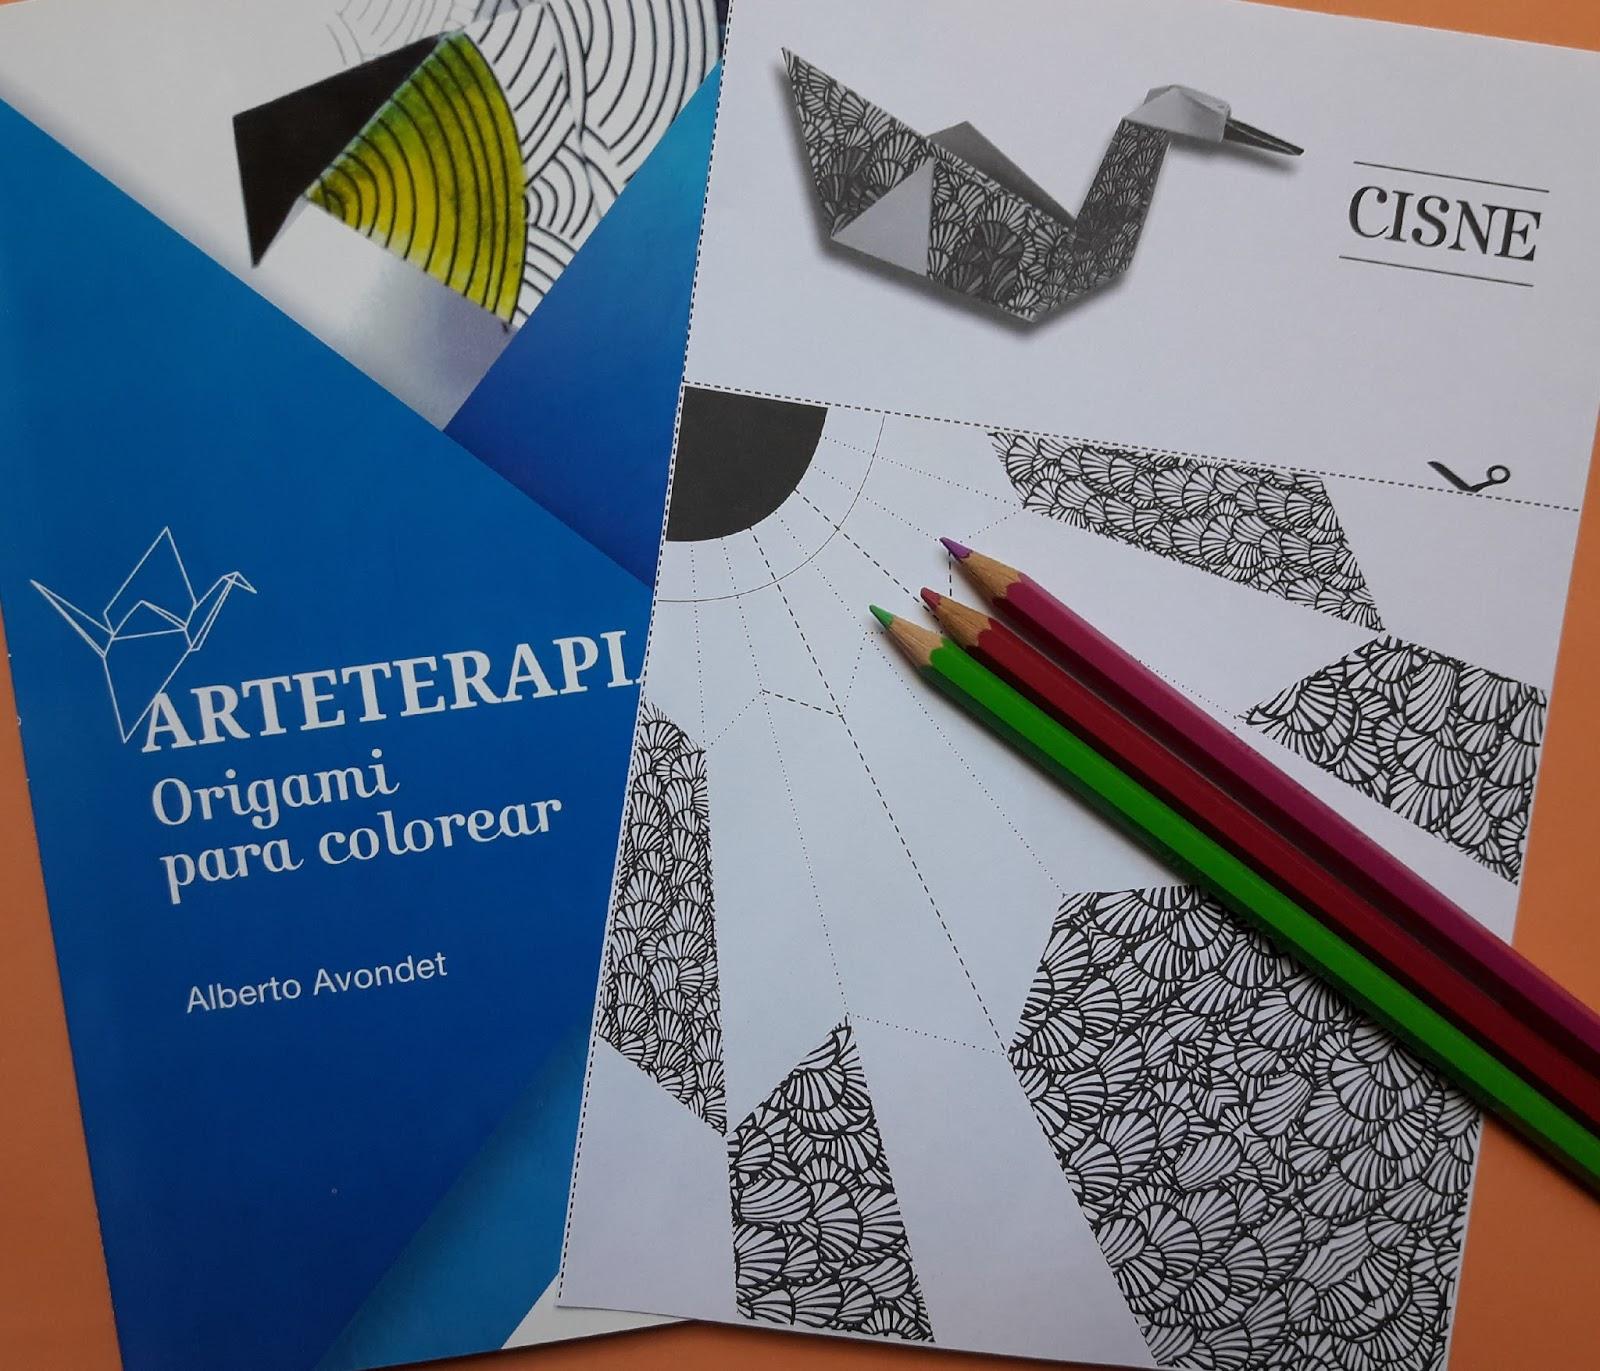 ARTETERAPIA - Origami Para Colorear / Orimasu